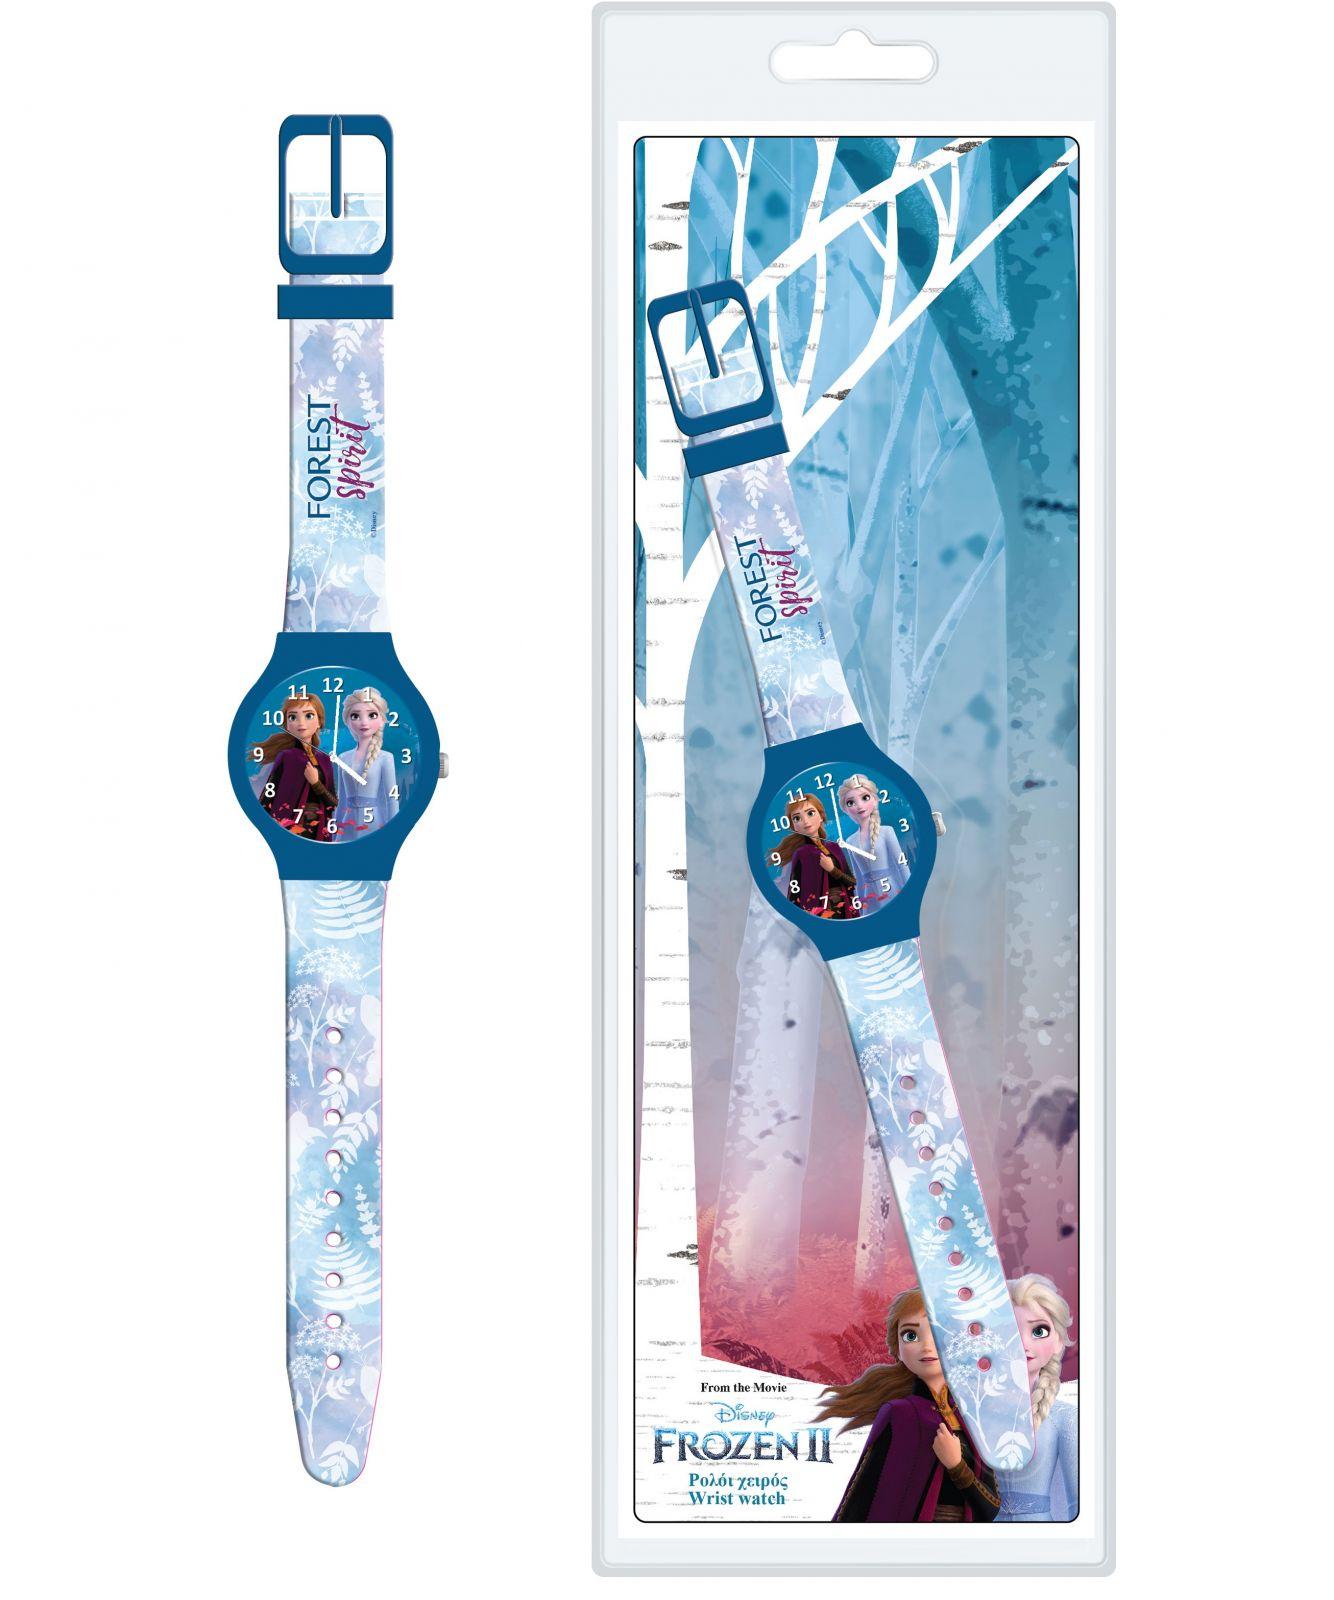 Dětské hodinky - analogové ( blistr ) - Frozen II NEW Diakakis